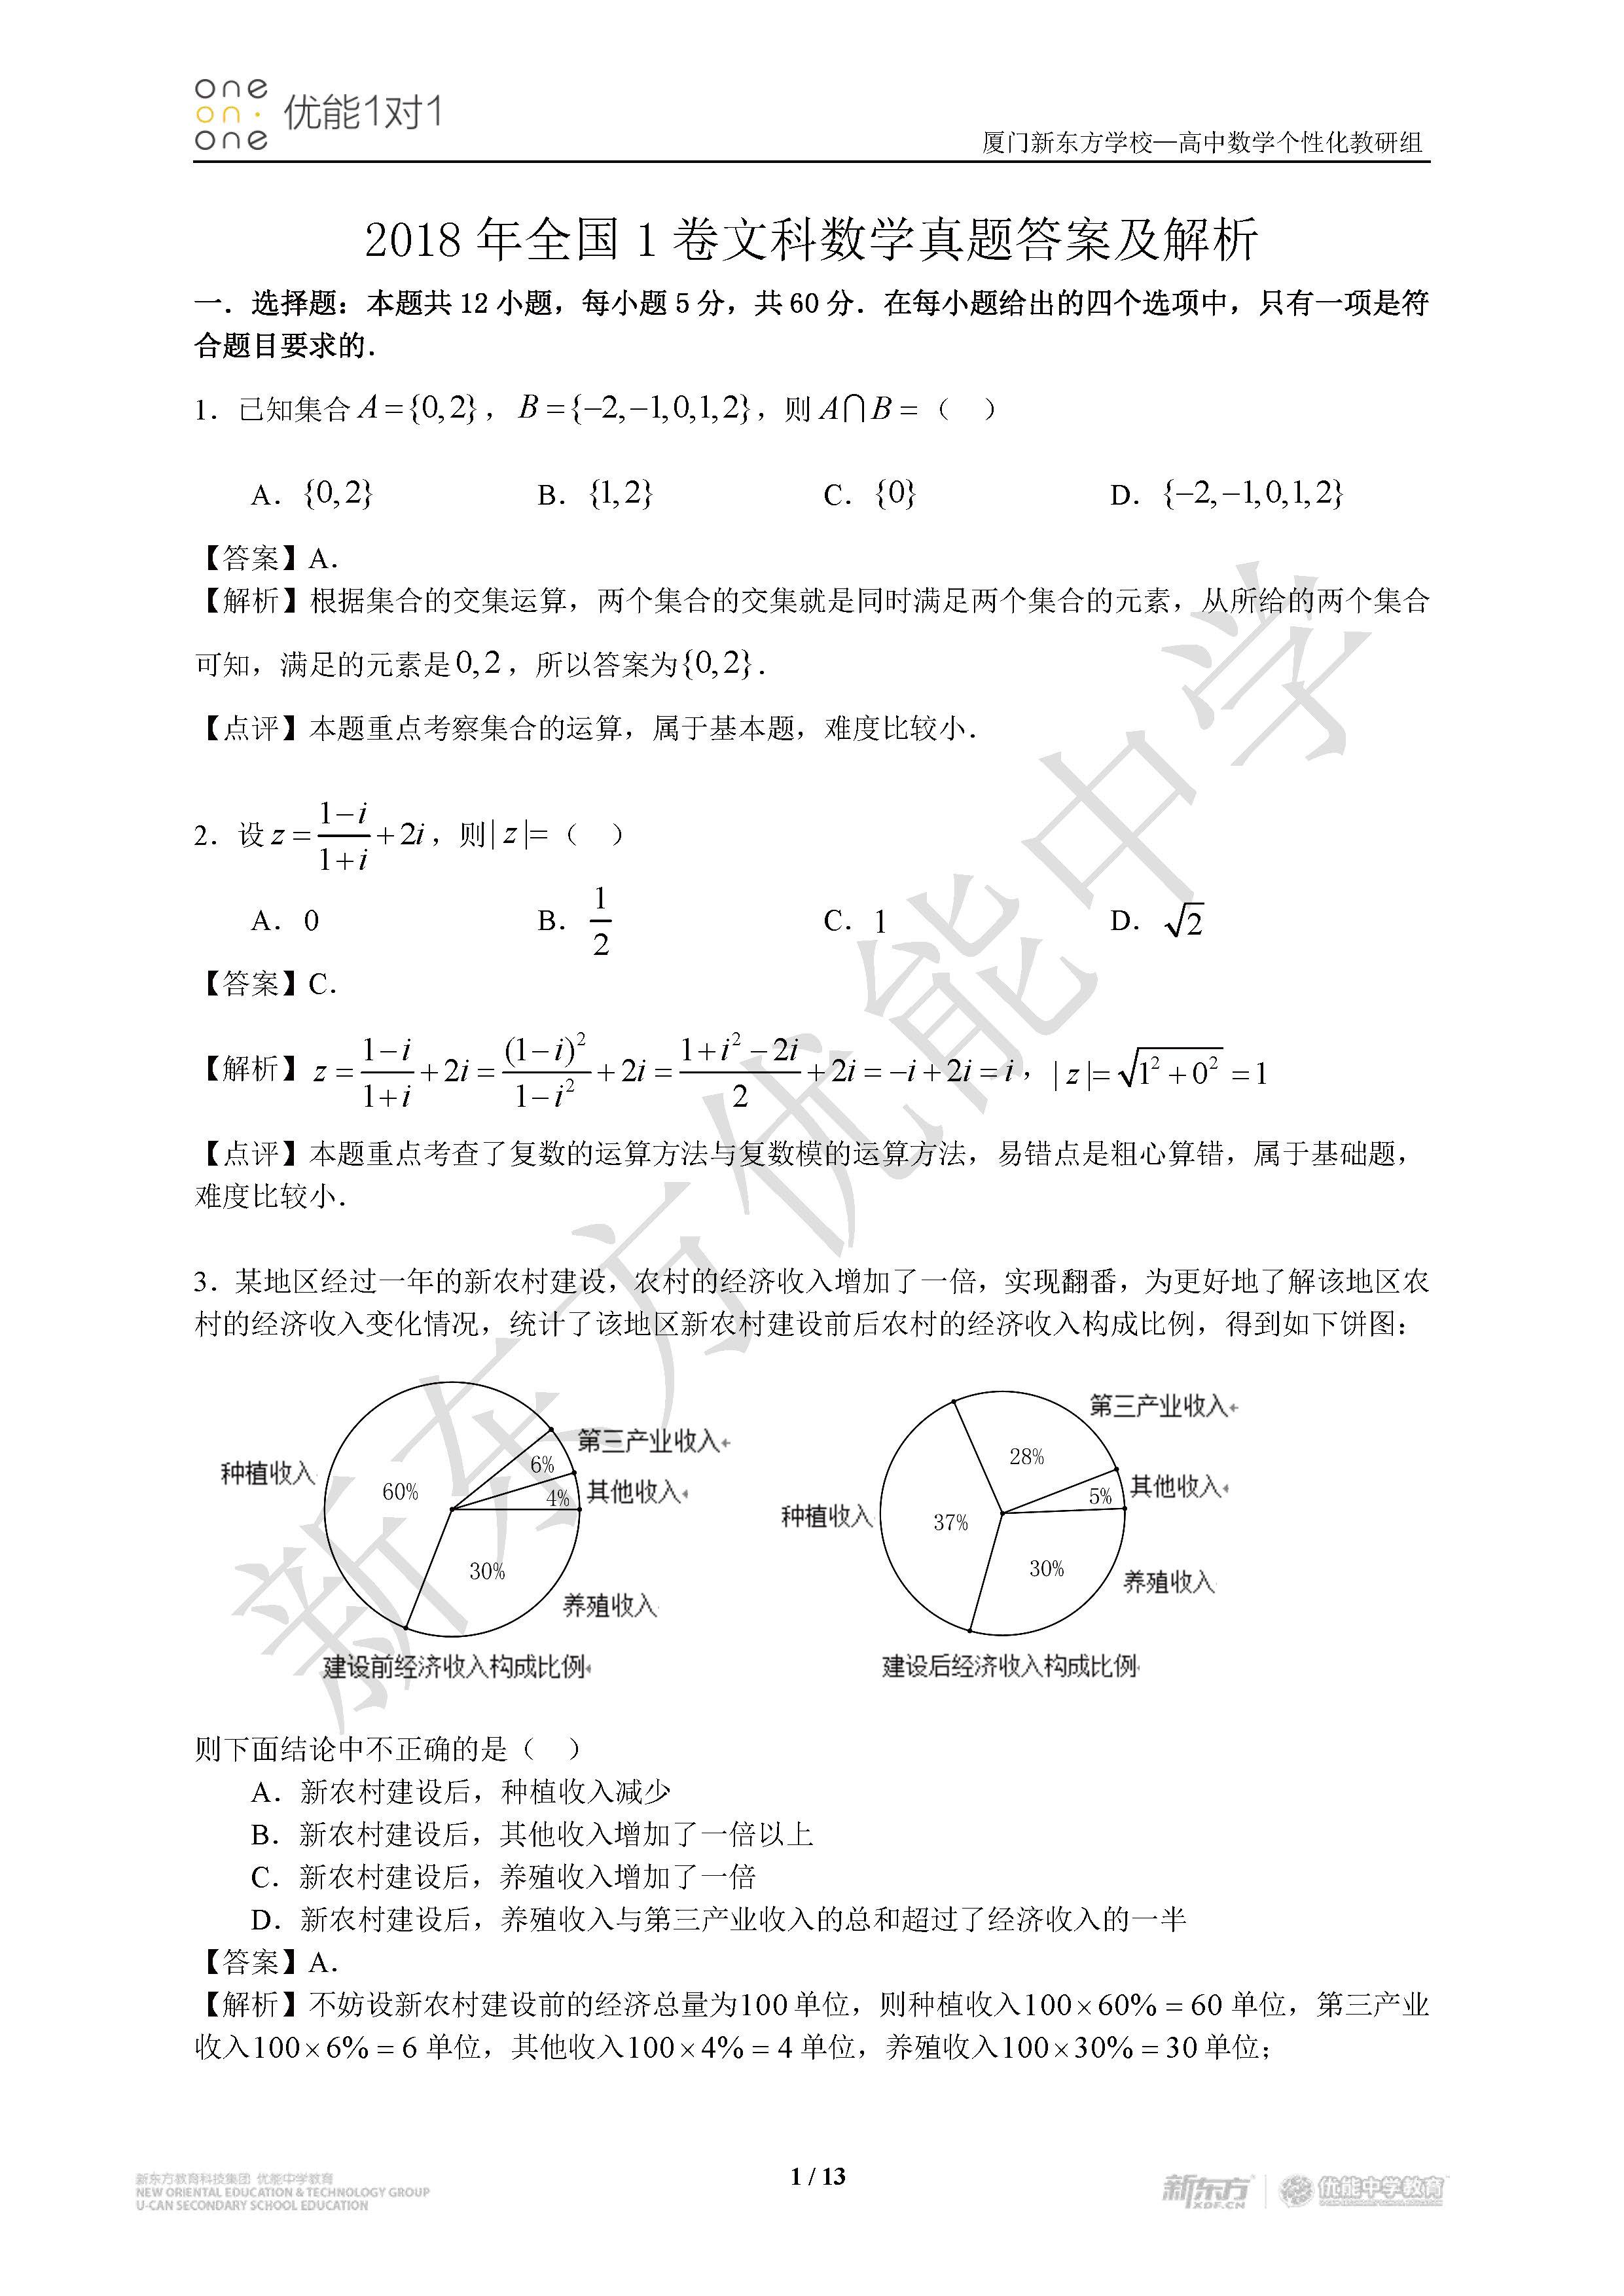 2018全国卷1高考数学文试题及答案解析(厦门新东方)